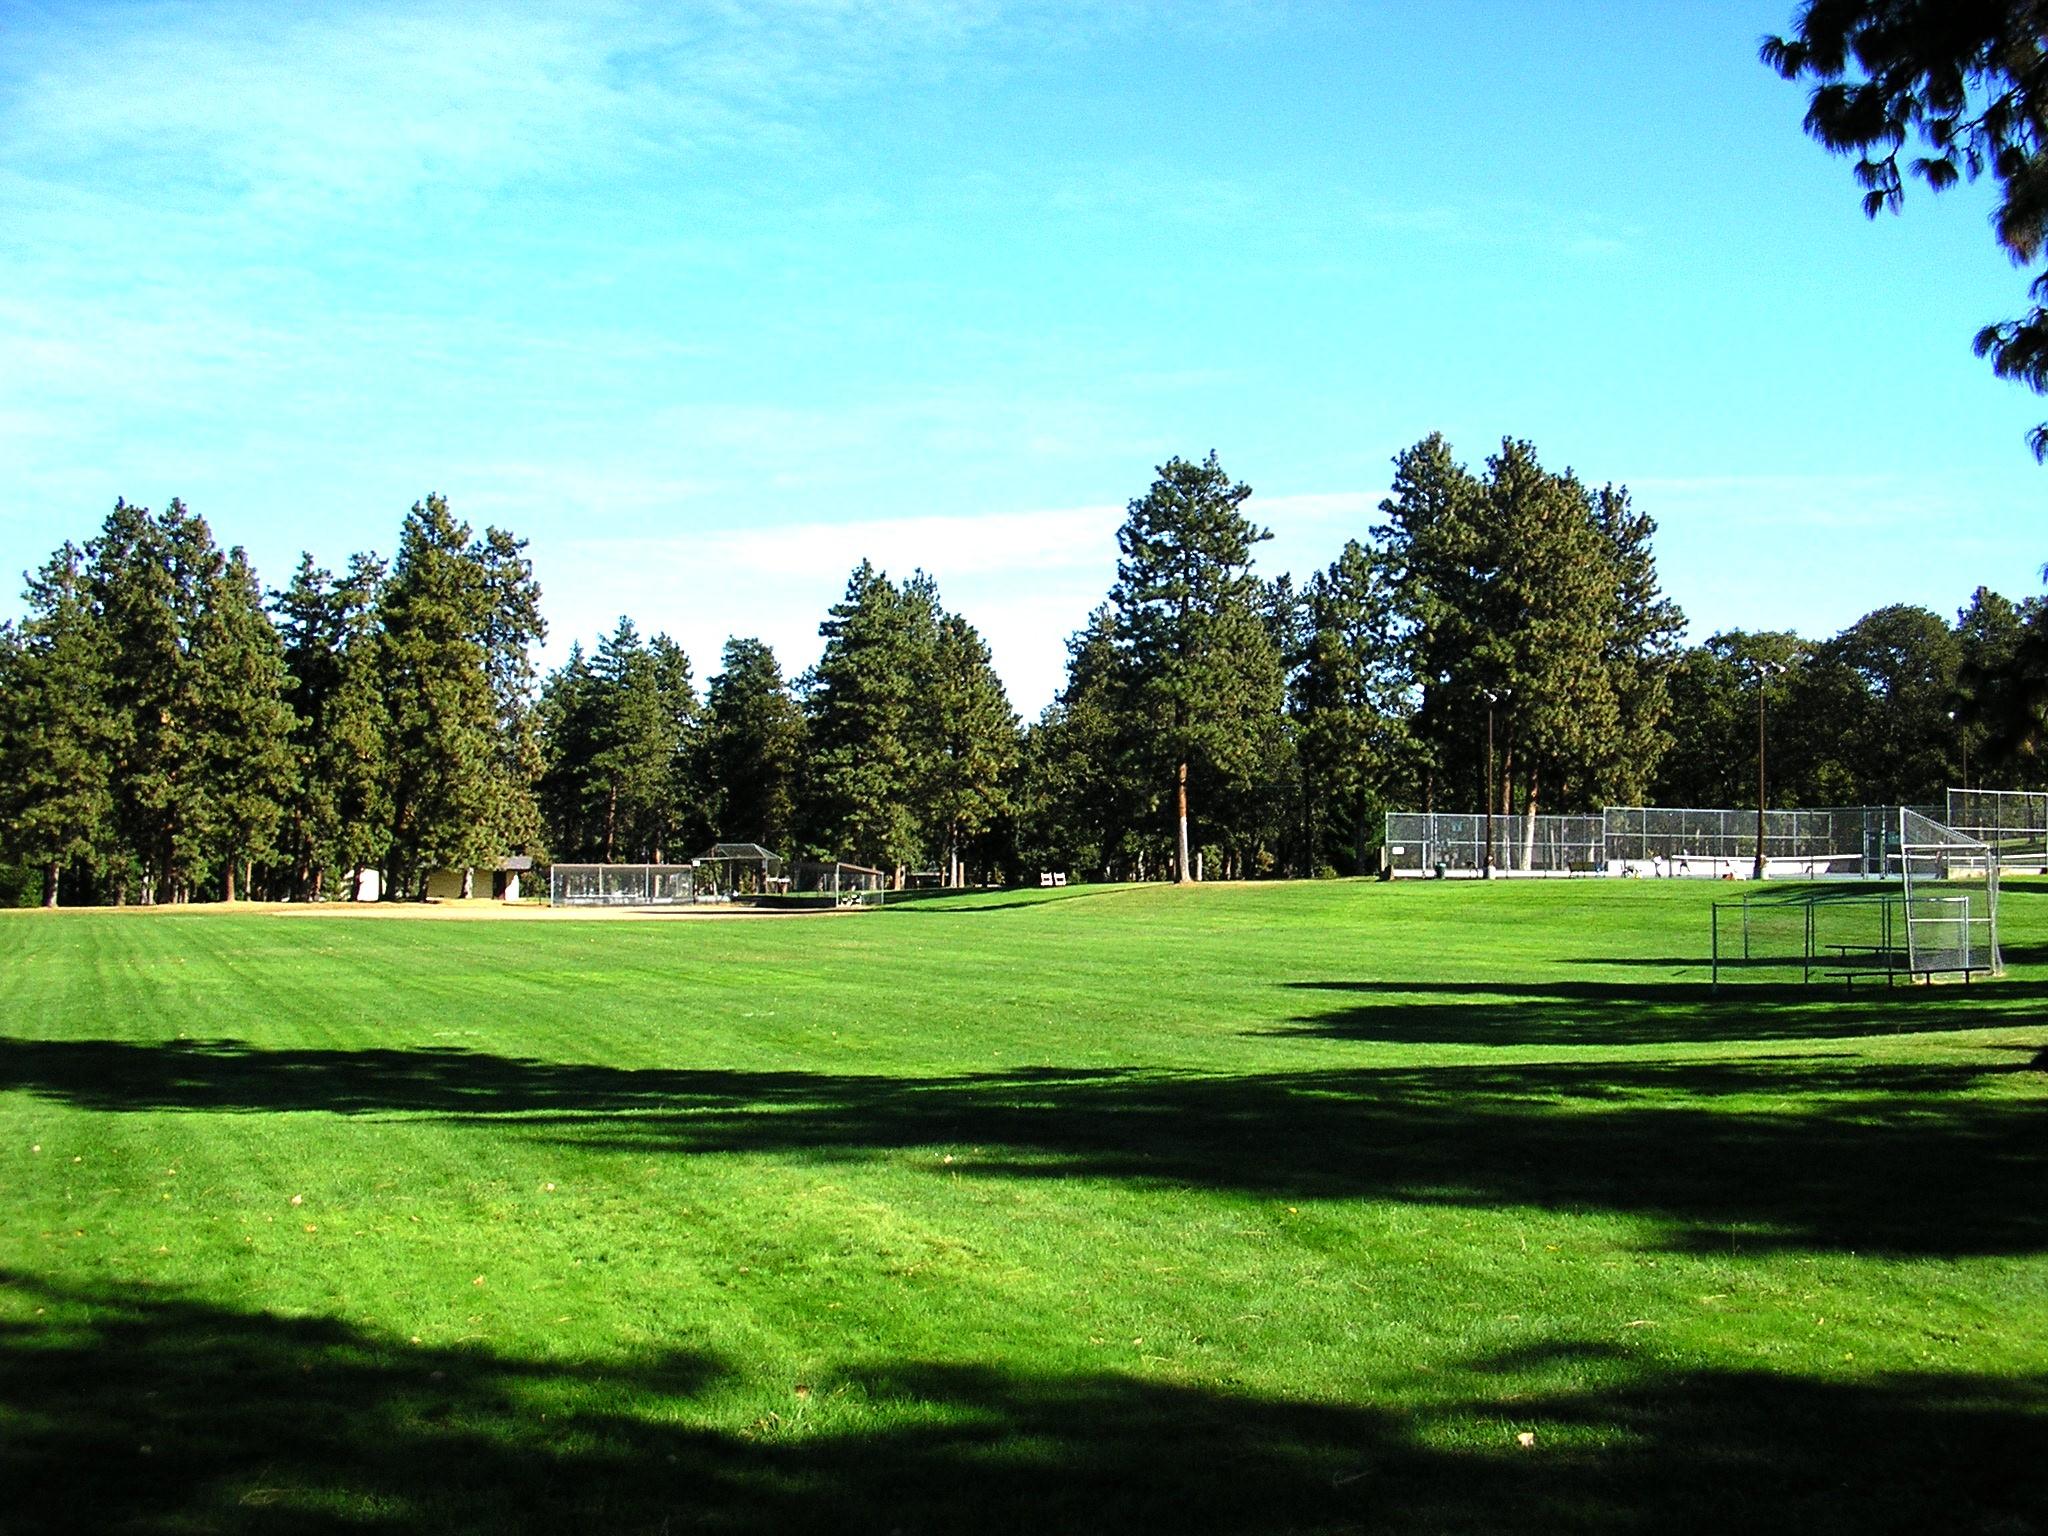 Park Ballfied & Tennis Court.jpg